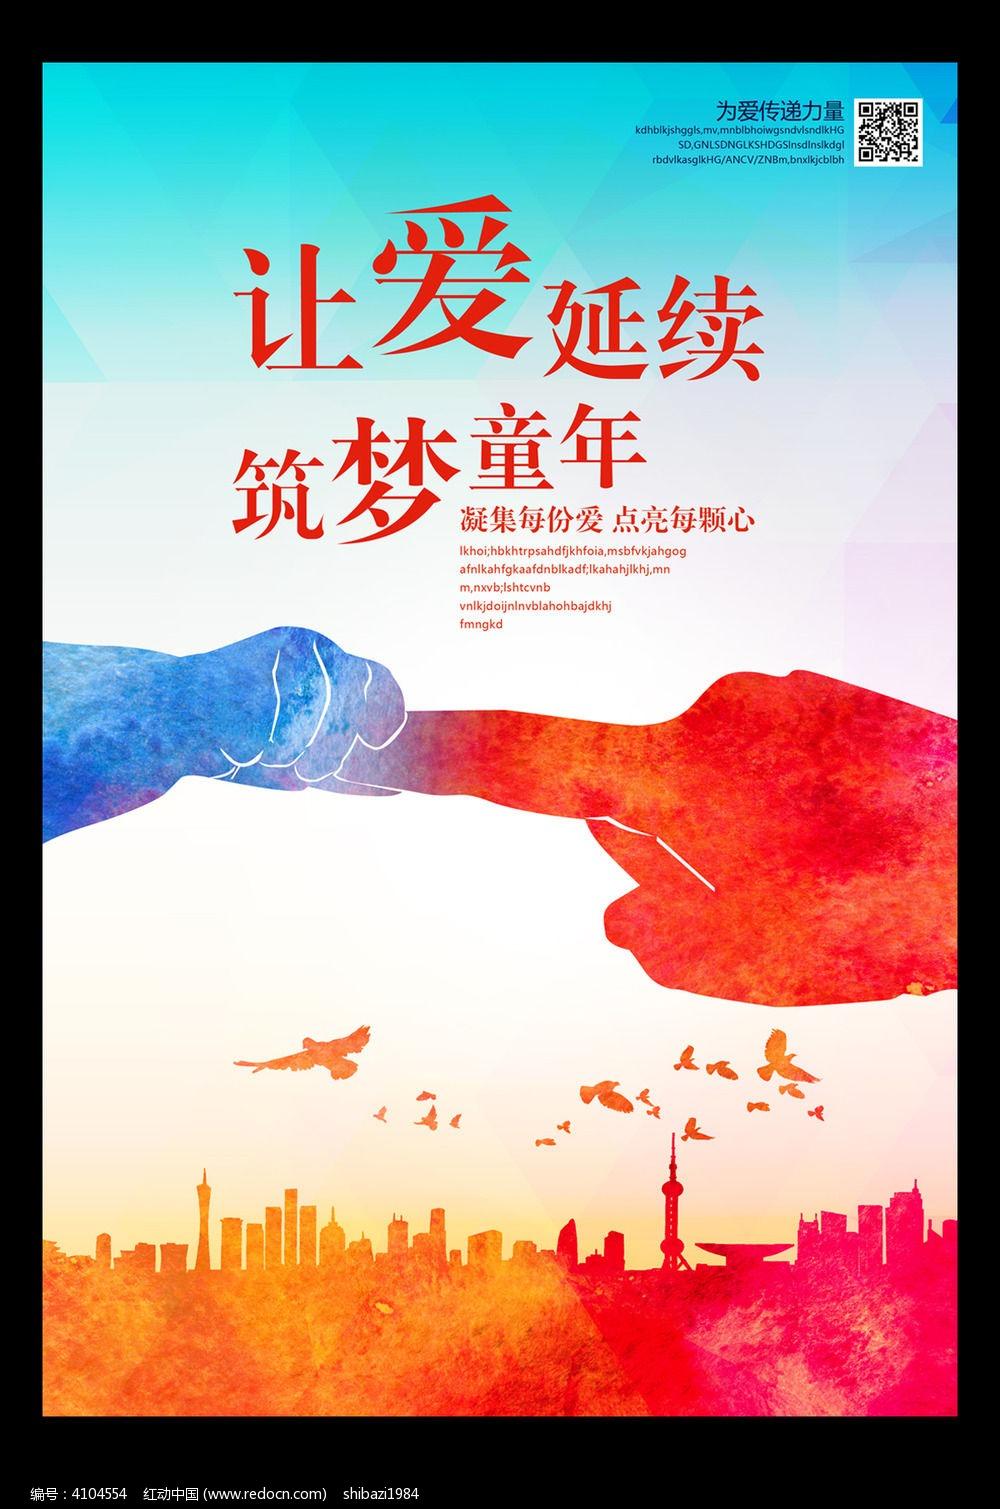 保护环境,献爱心公益海报设计psd下载